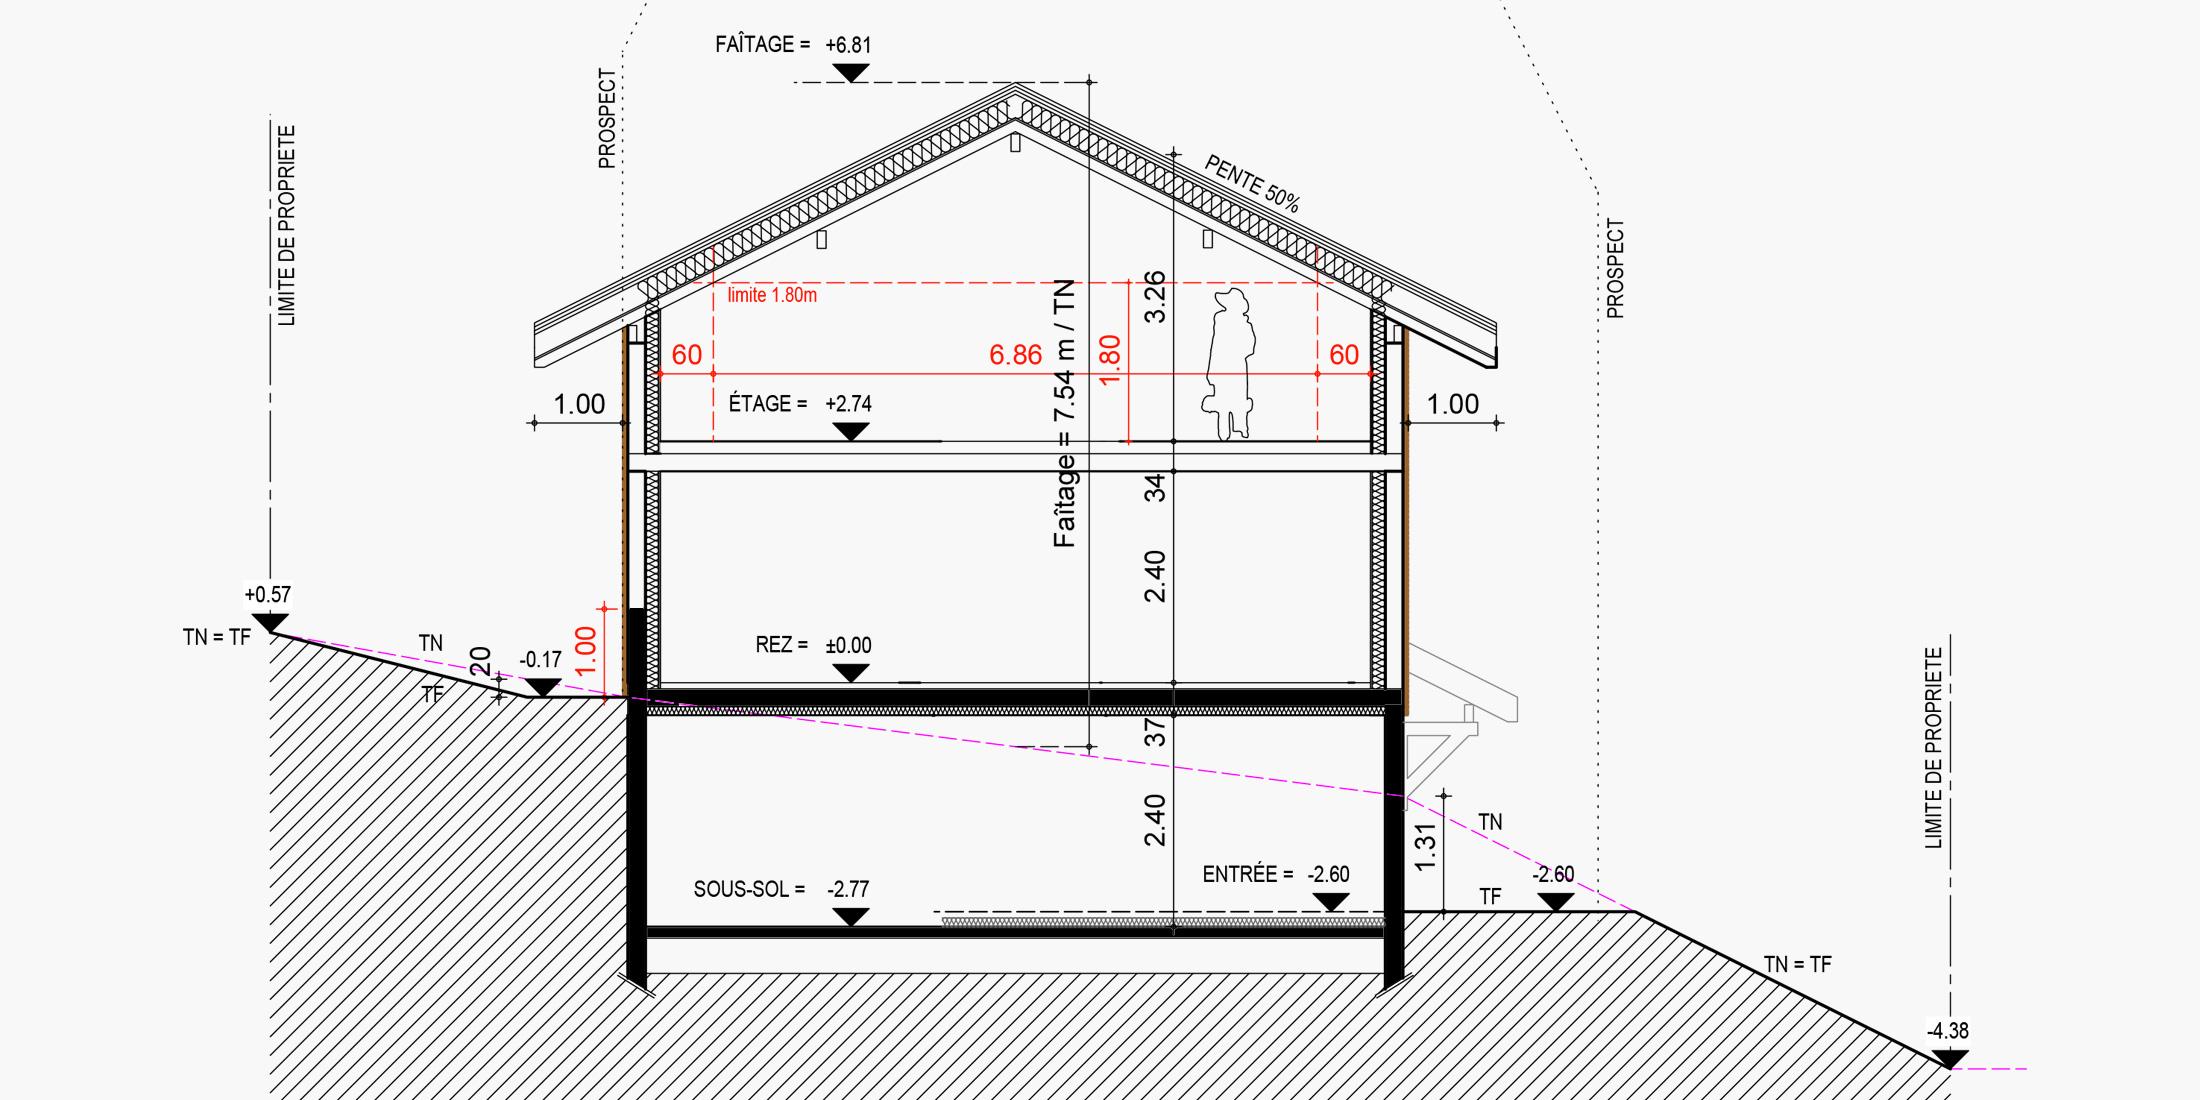 Plan pour permis de construire chalet, maison individuelle Annecy- Savoie Plan